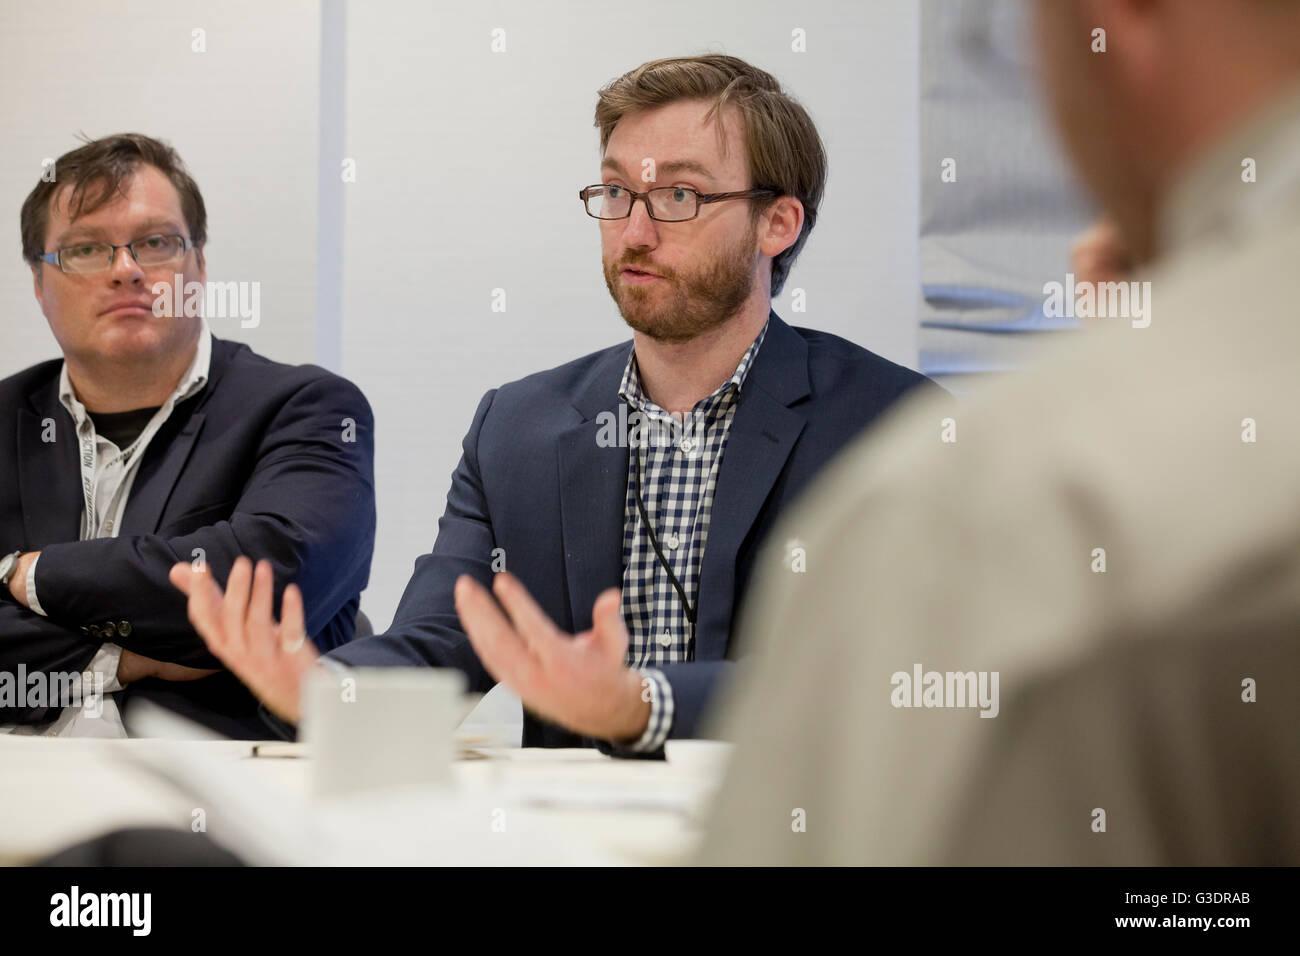 Imprenditore in un ufficio business meeting - USA Immagini Stock